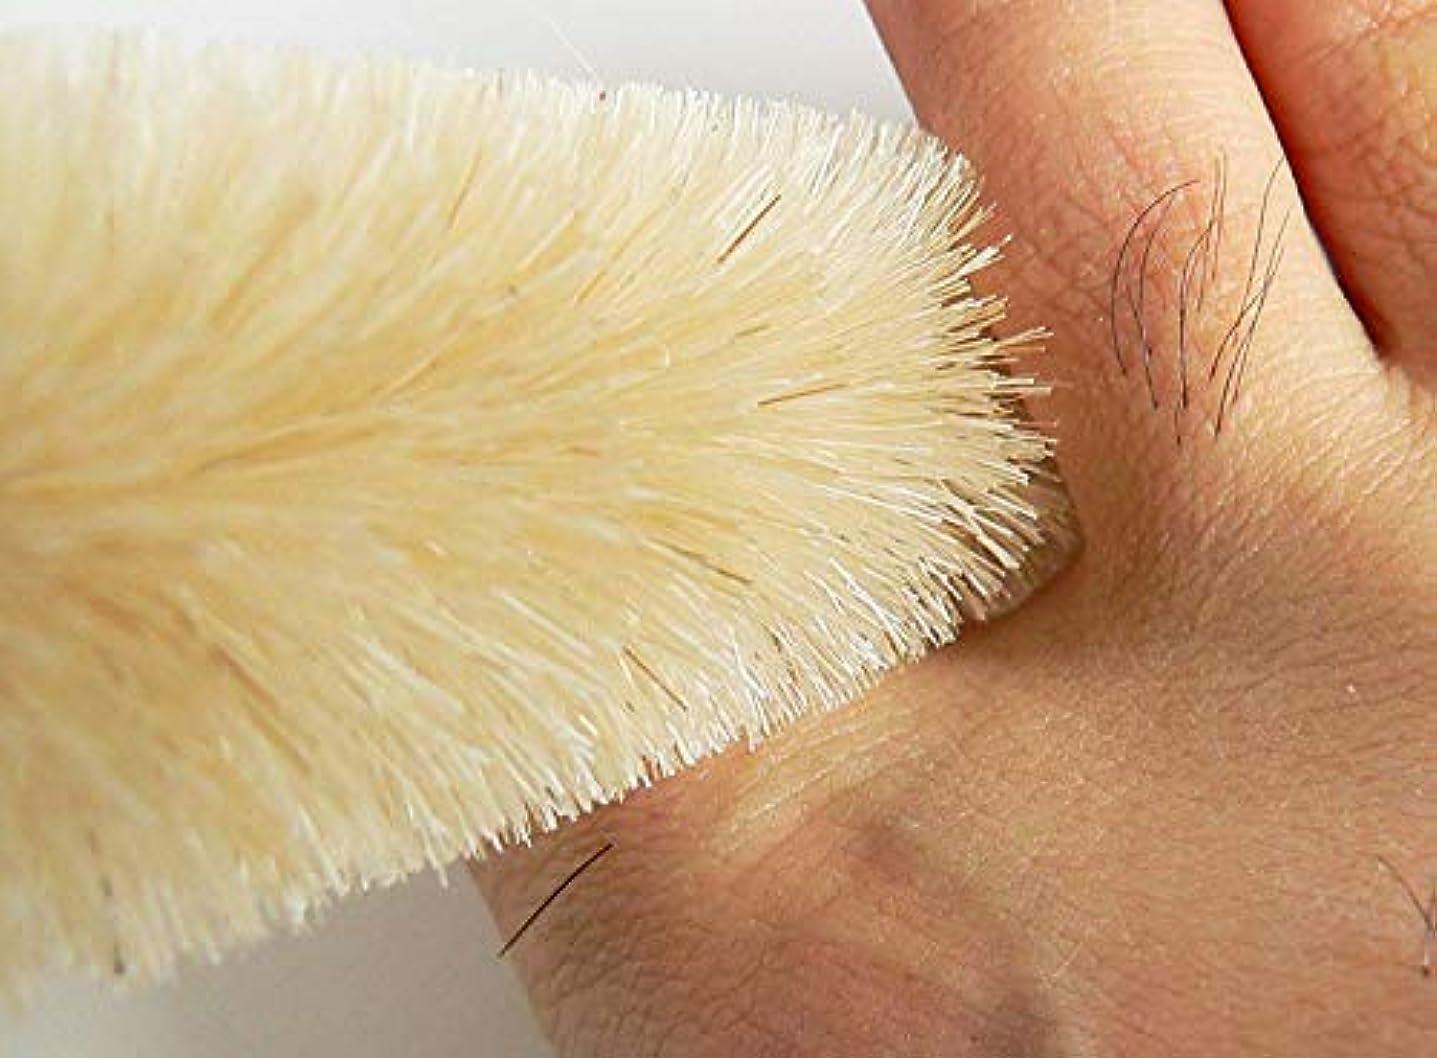 海嶺整然としたあいまいな指の間がキレイに洗える、指間専用ブラシ 白馬毛?普通 4本セット 通称フィンガーブラシ ※水虫防止、介護などに 浅草まーぶる